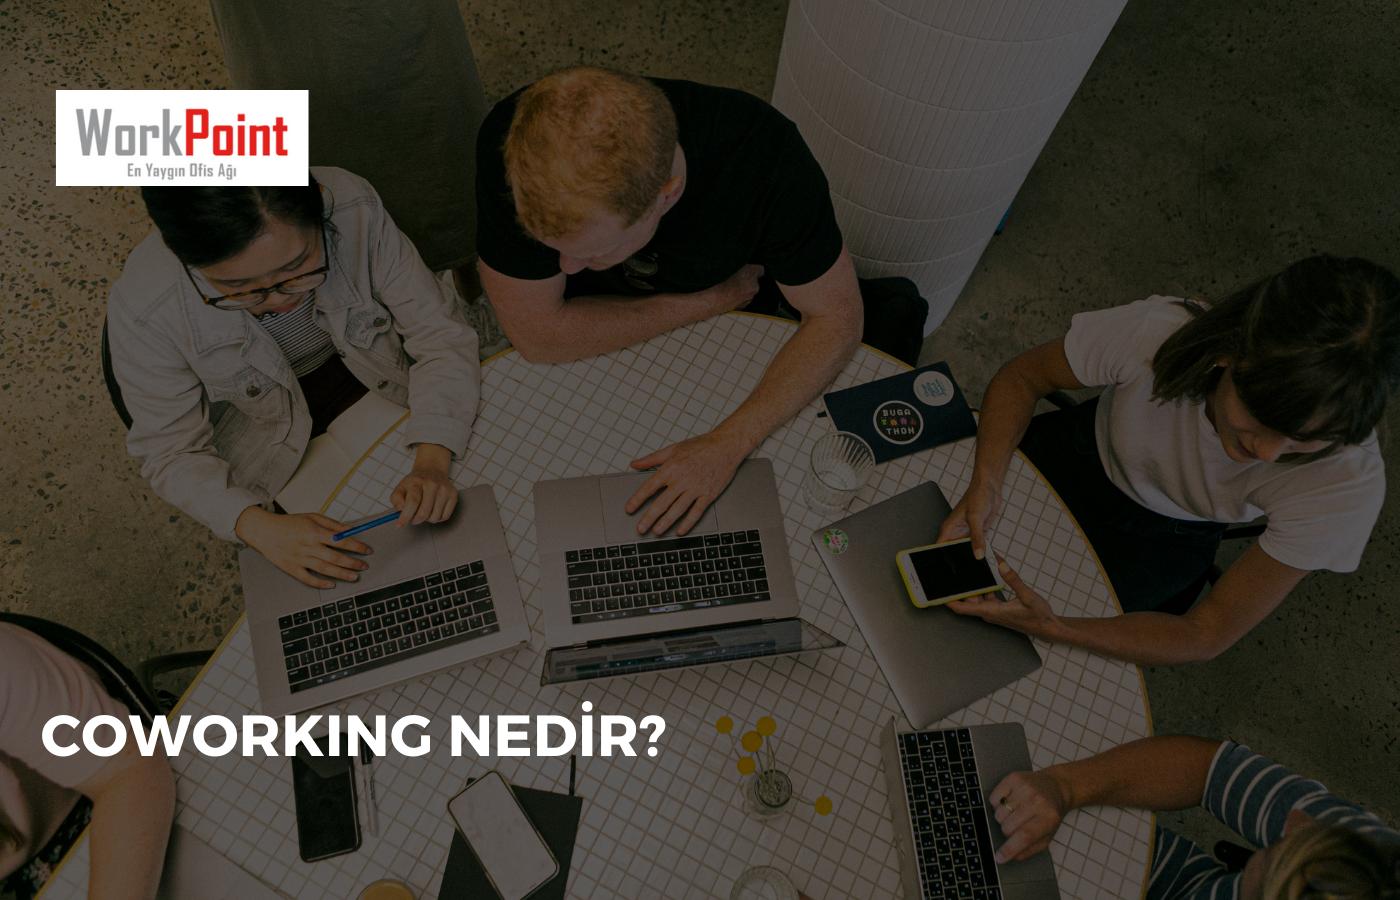 Coworking Nedir?